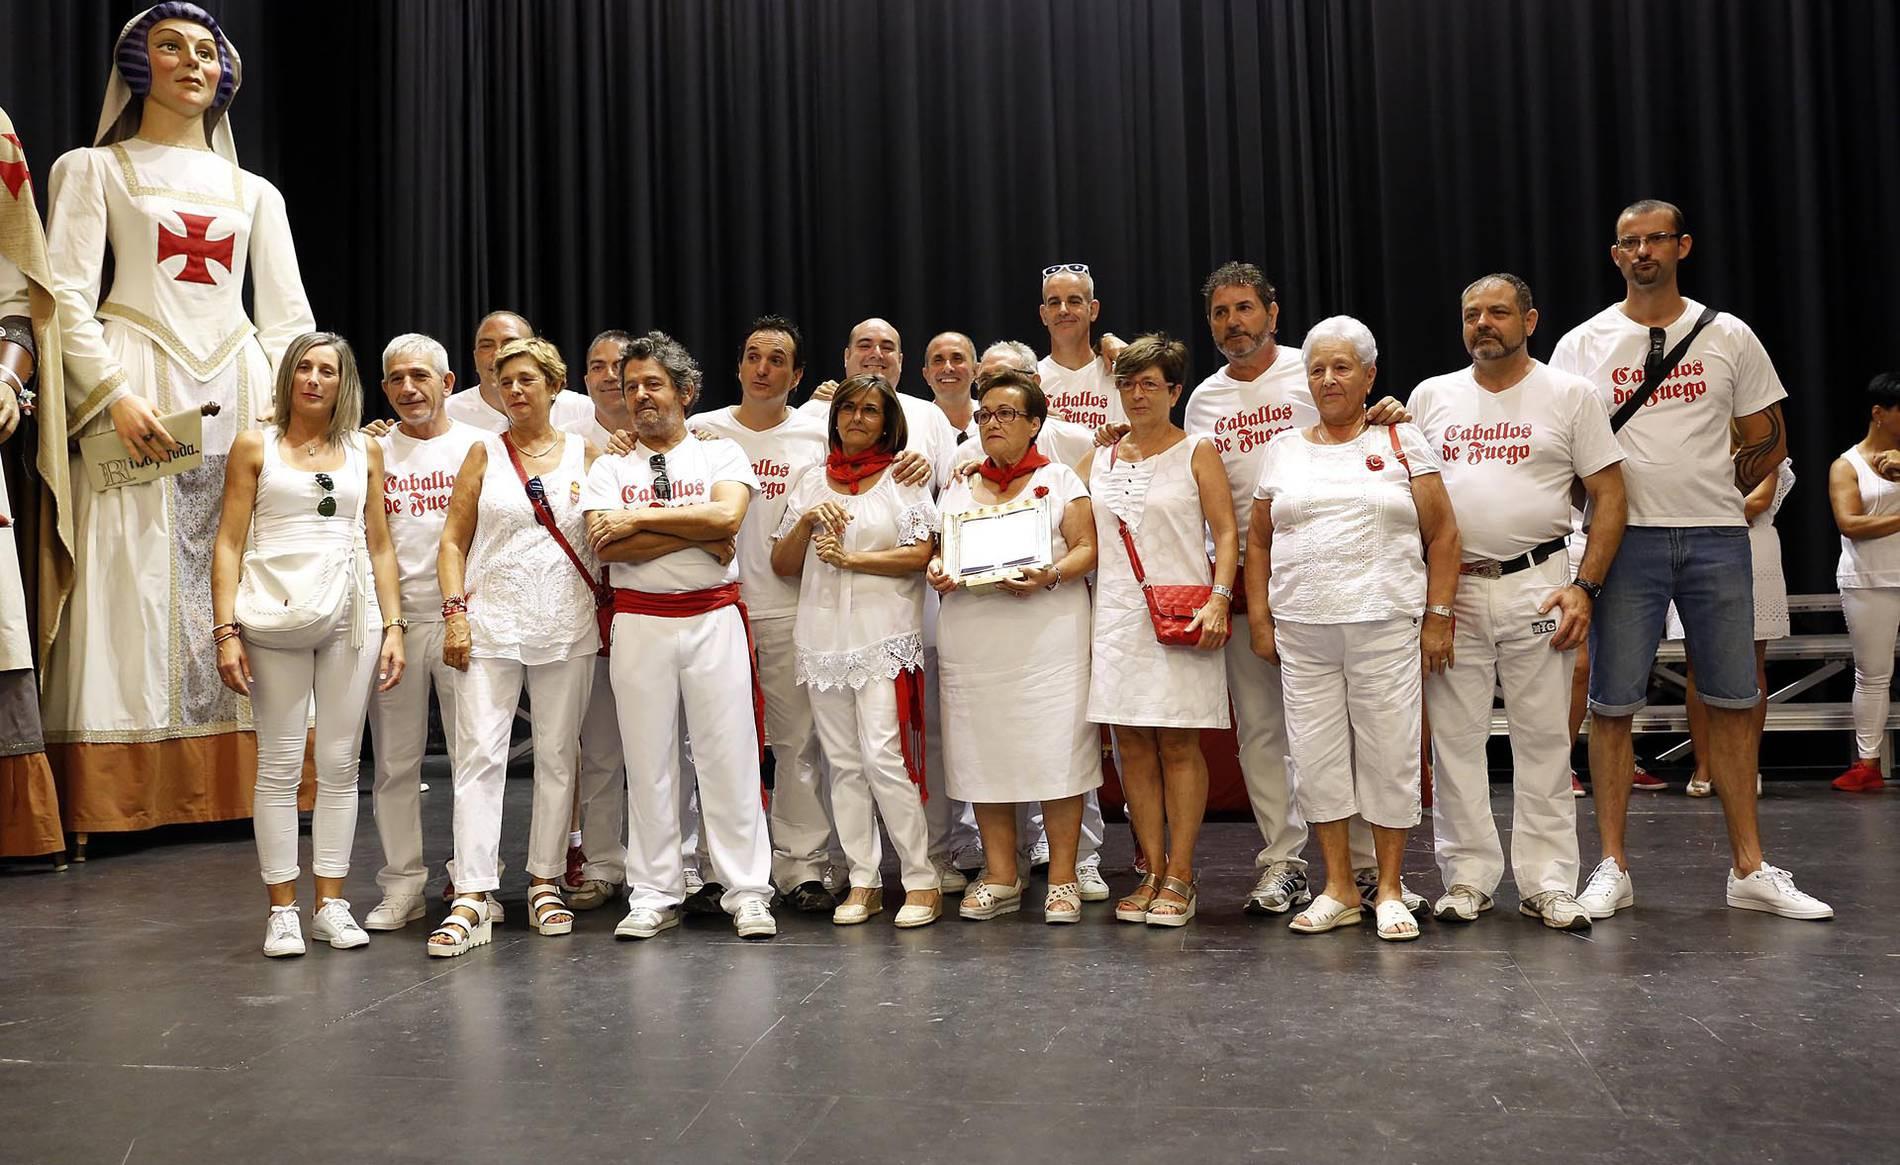 Cohete en Ribaforada (1/17) - Cohete en Ribaforada - Tudela y Ribera -